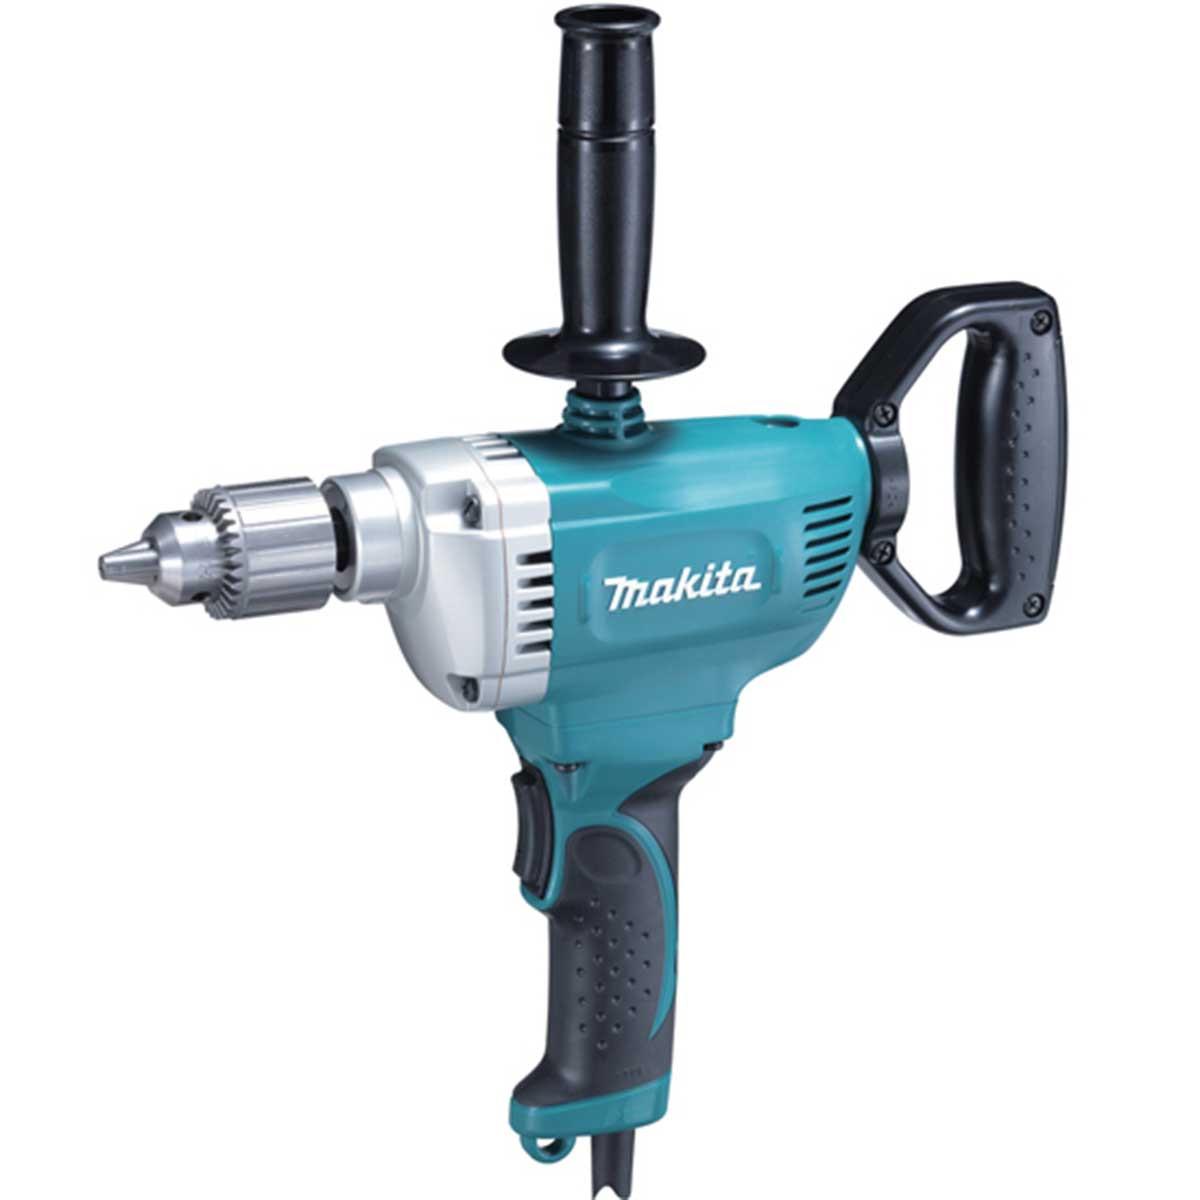 Makita Mixing Drill Spade Handle DS4011